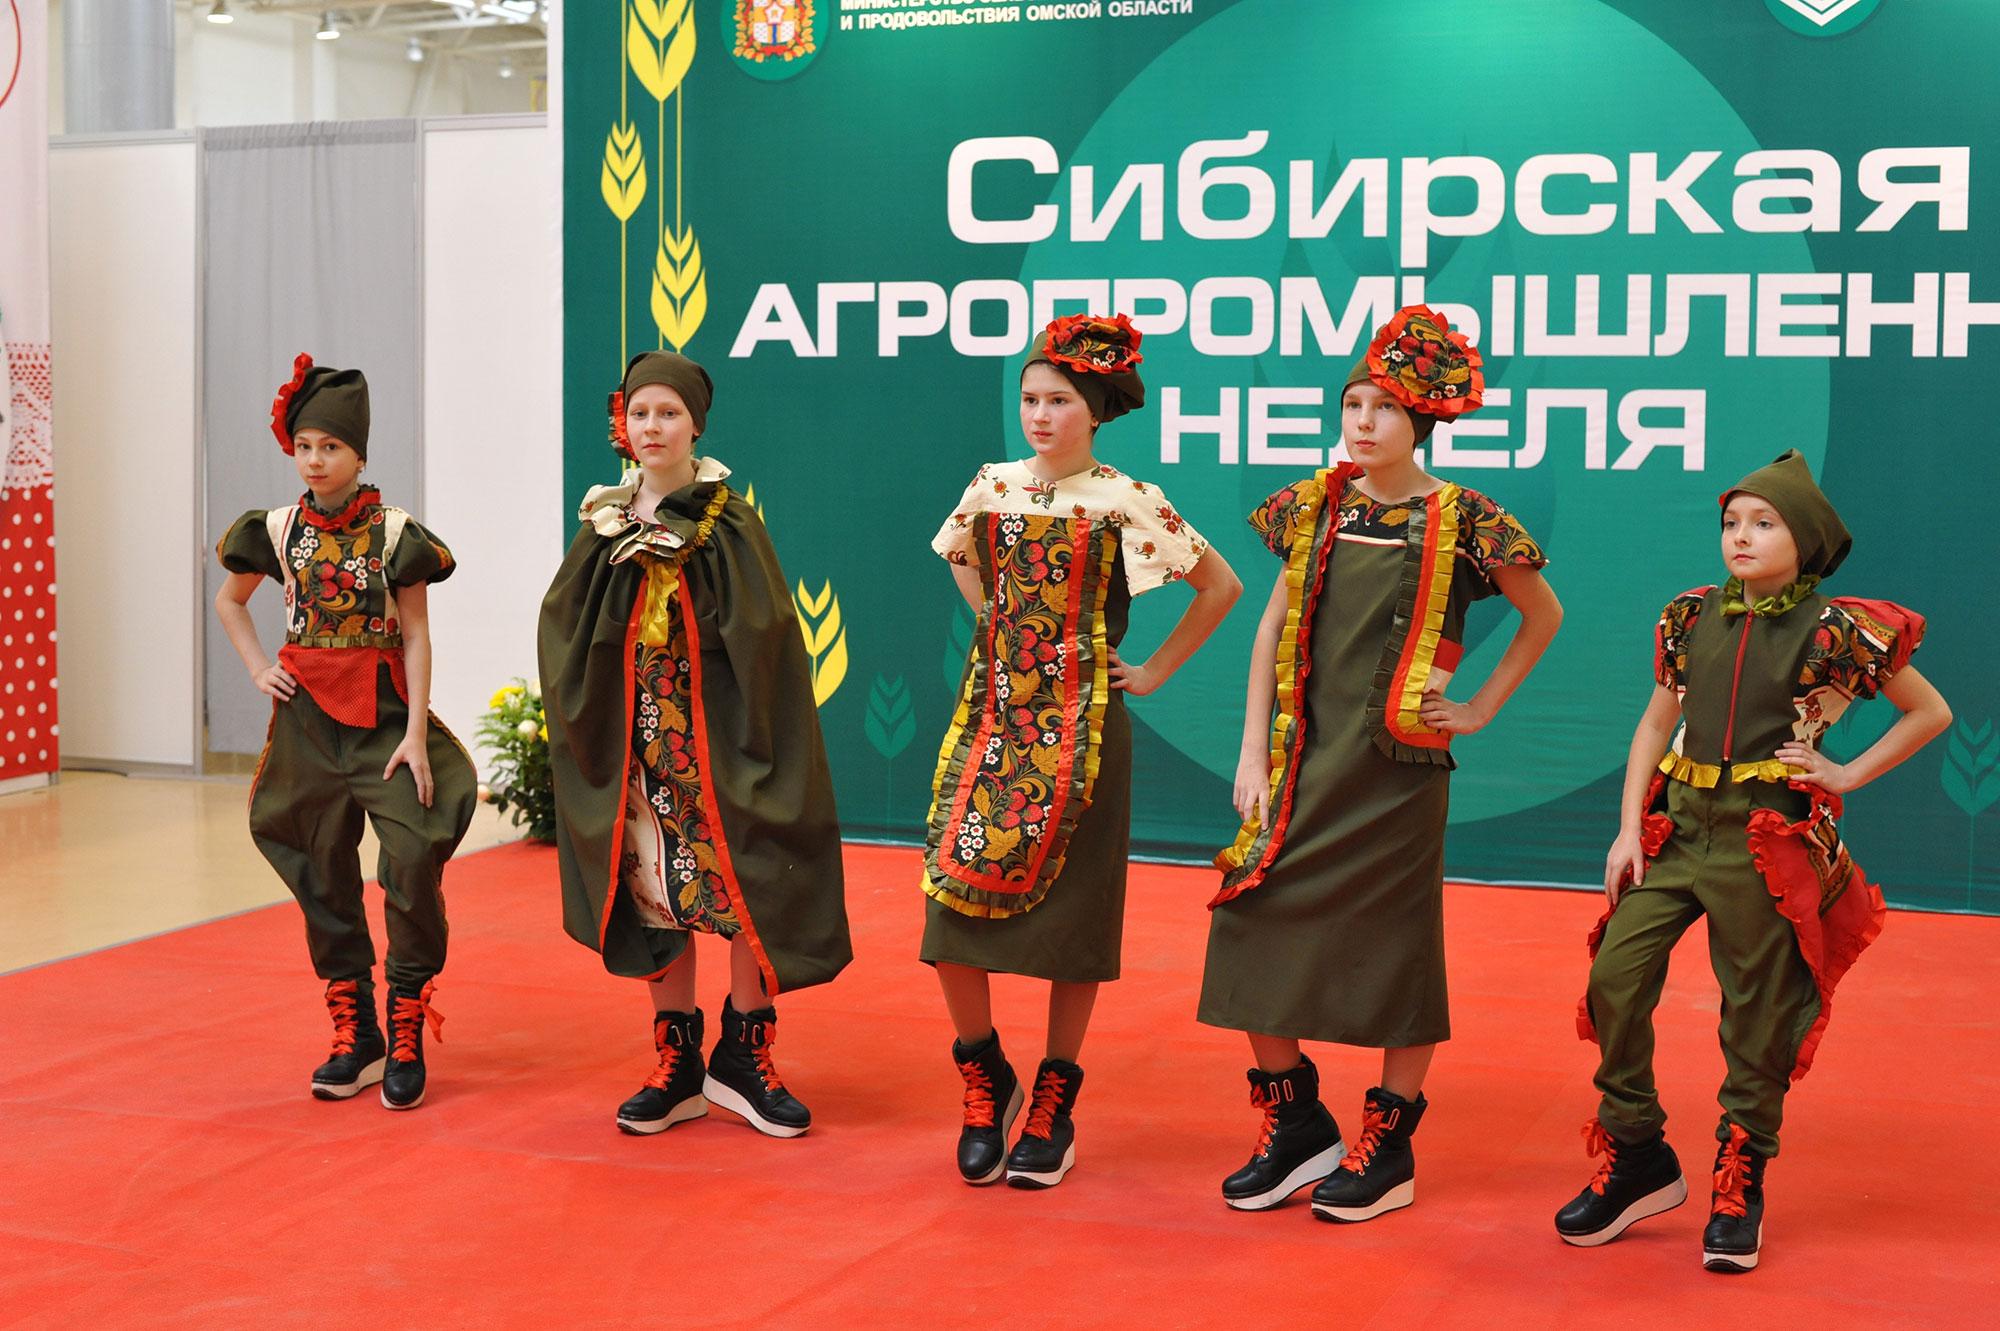 agropromyshlennaya-nedelya-omsk-14